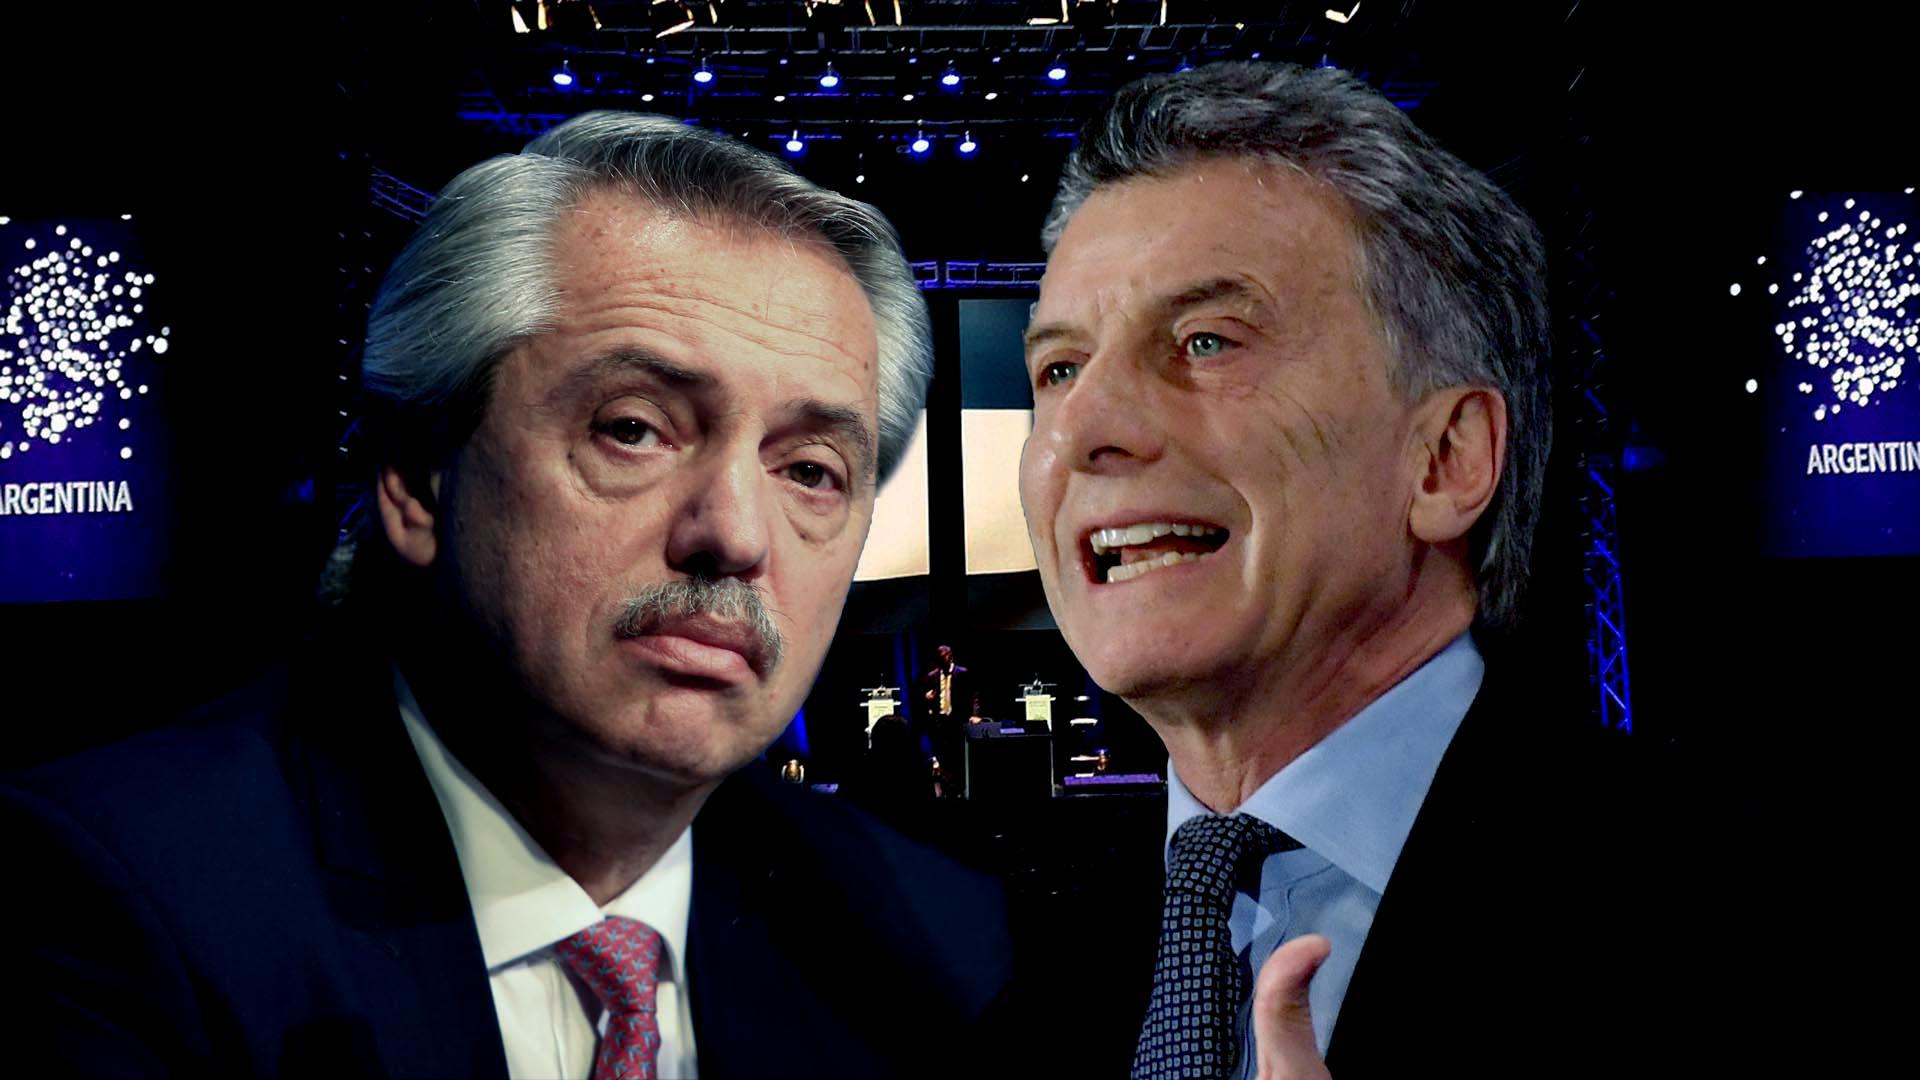 Macri y Alberto Fernández comparten un seminario en el MALBA